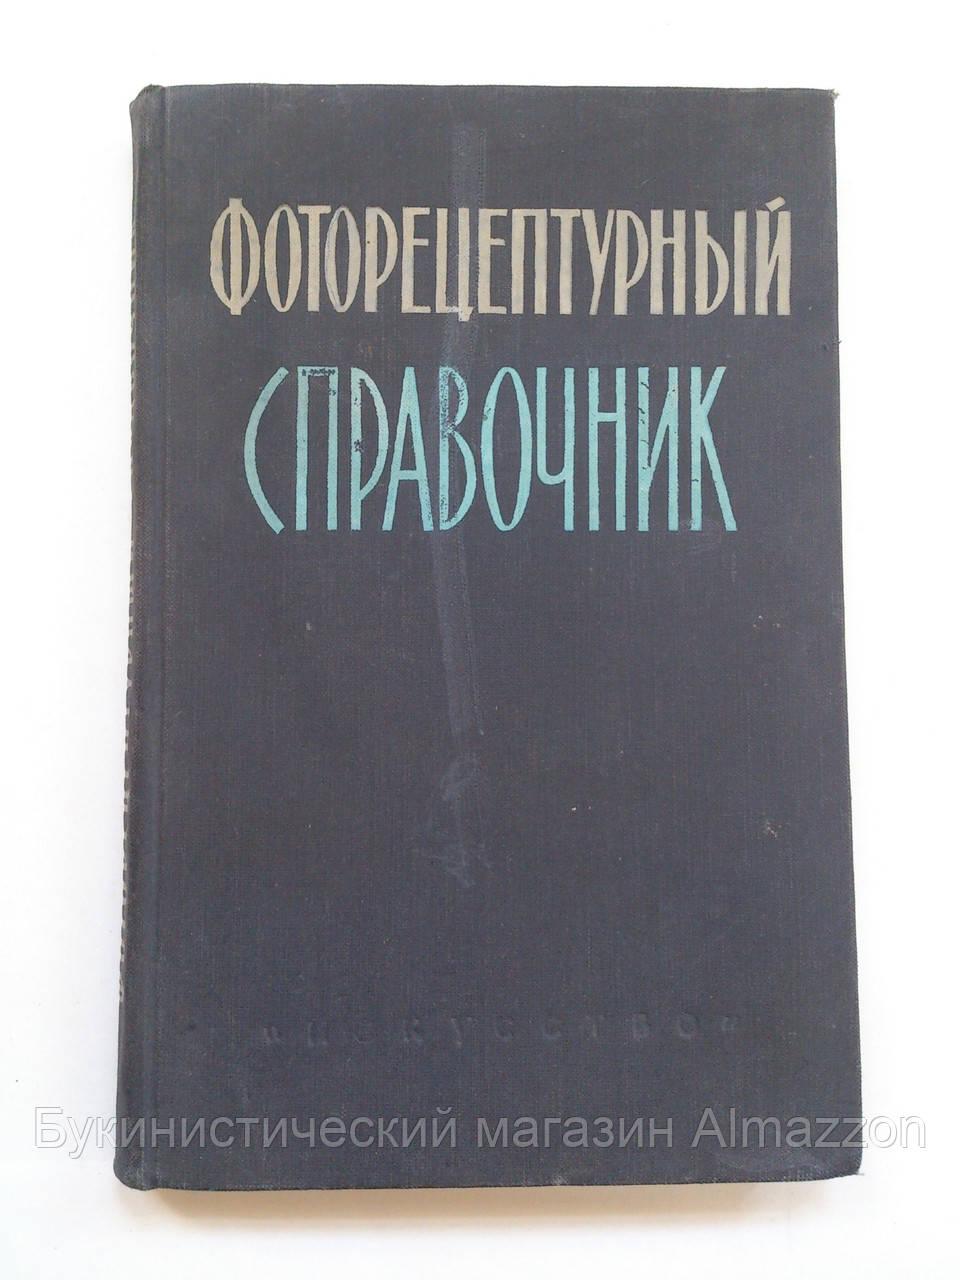 Фоторецептурный справочник для фотолюбителя. 1958 год